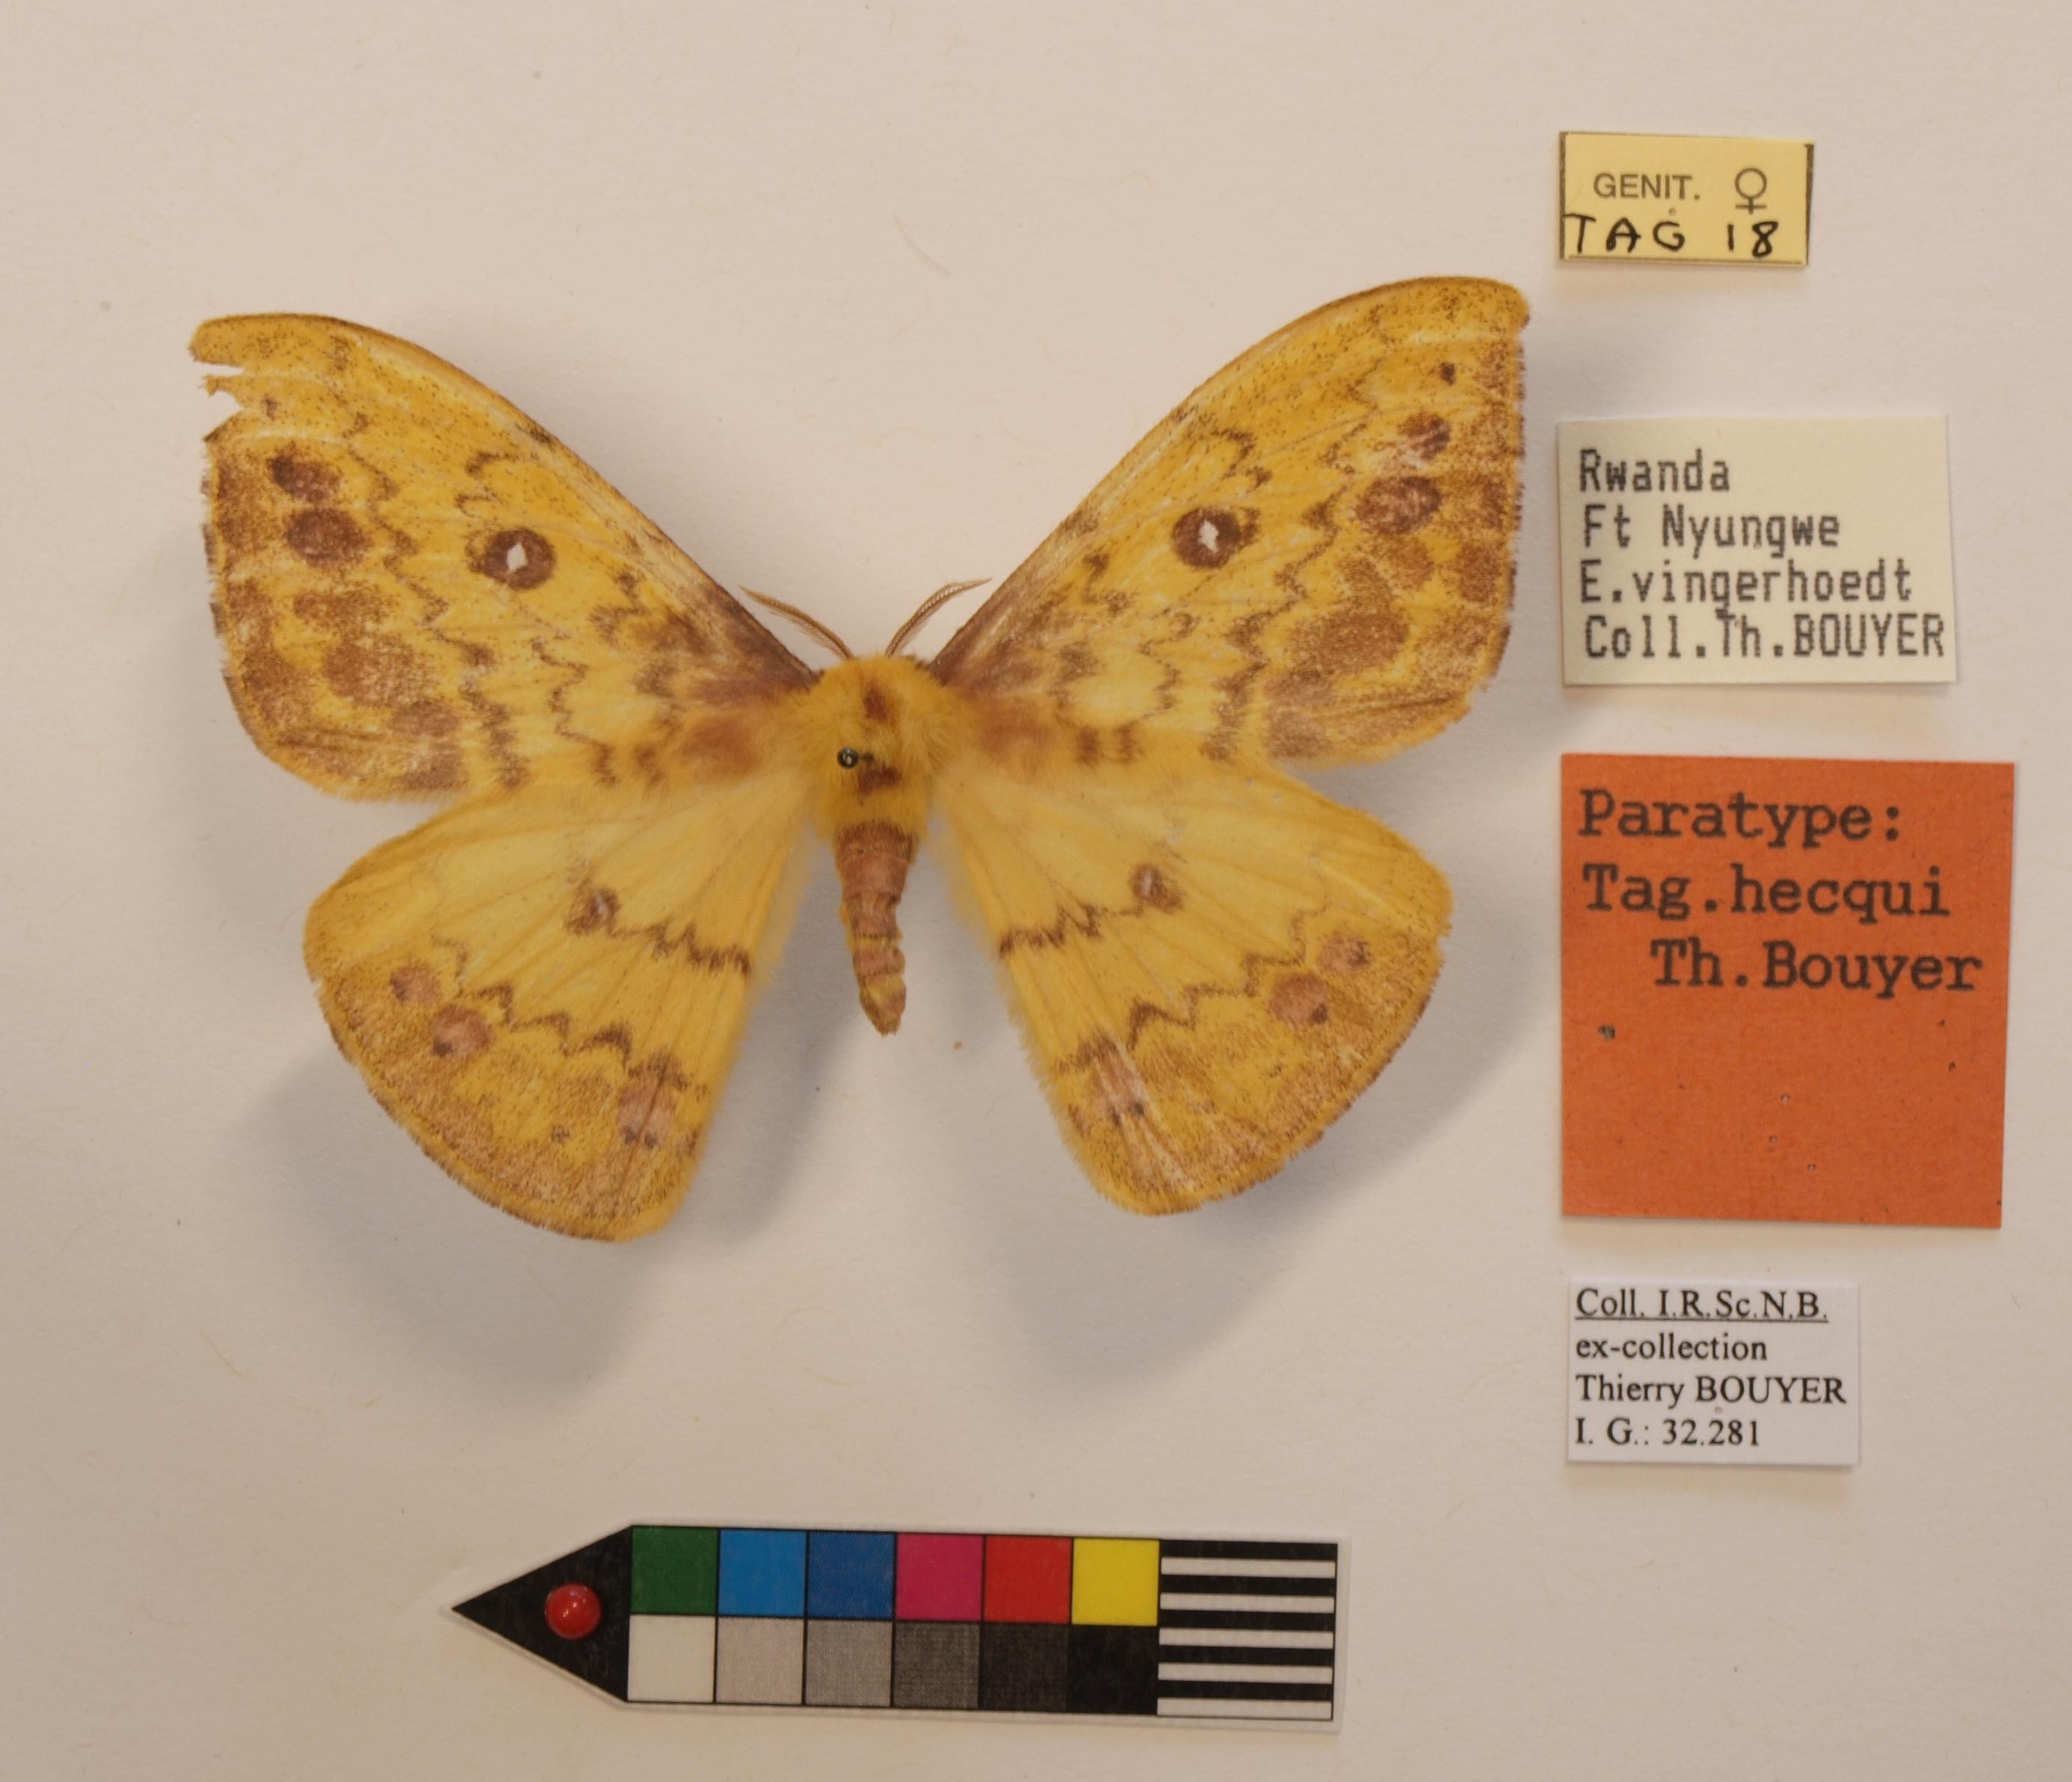 Tagoropsis hecqui F Labels.JPG